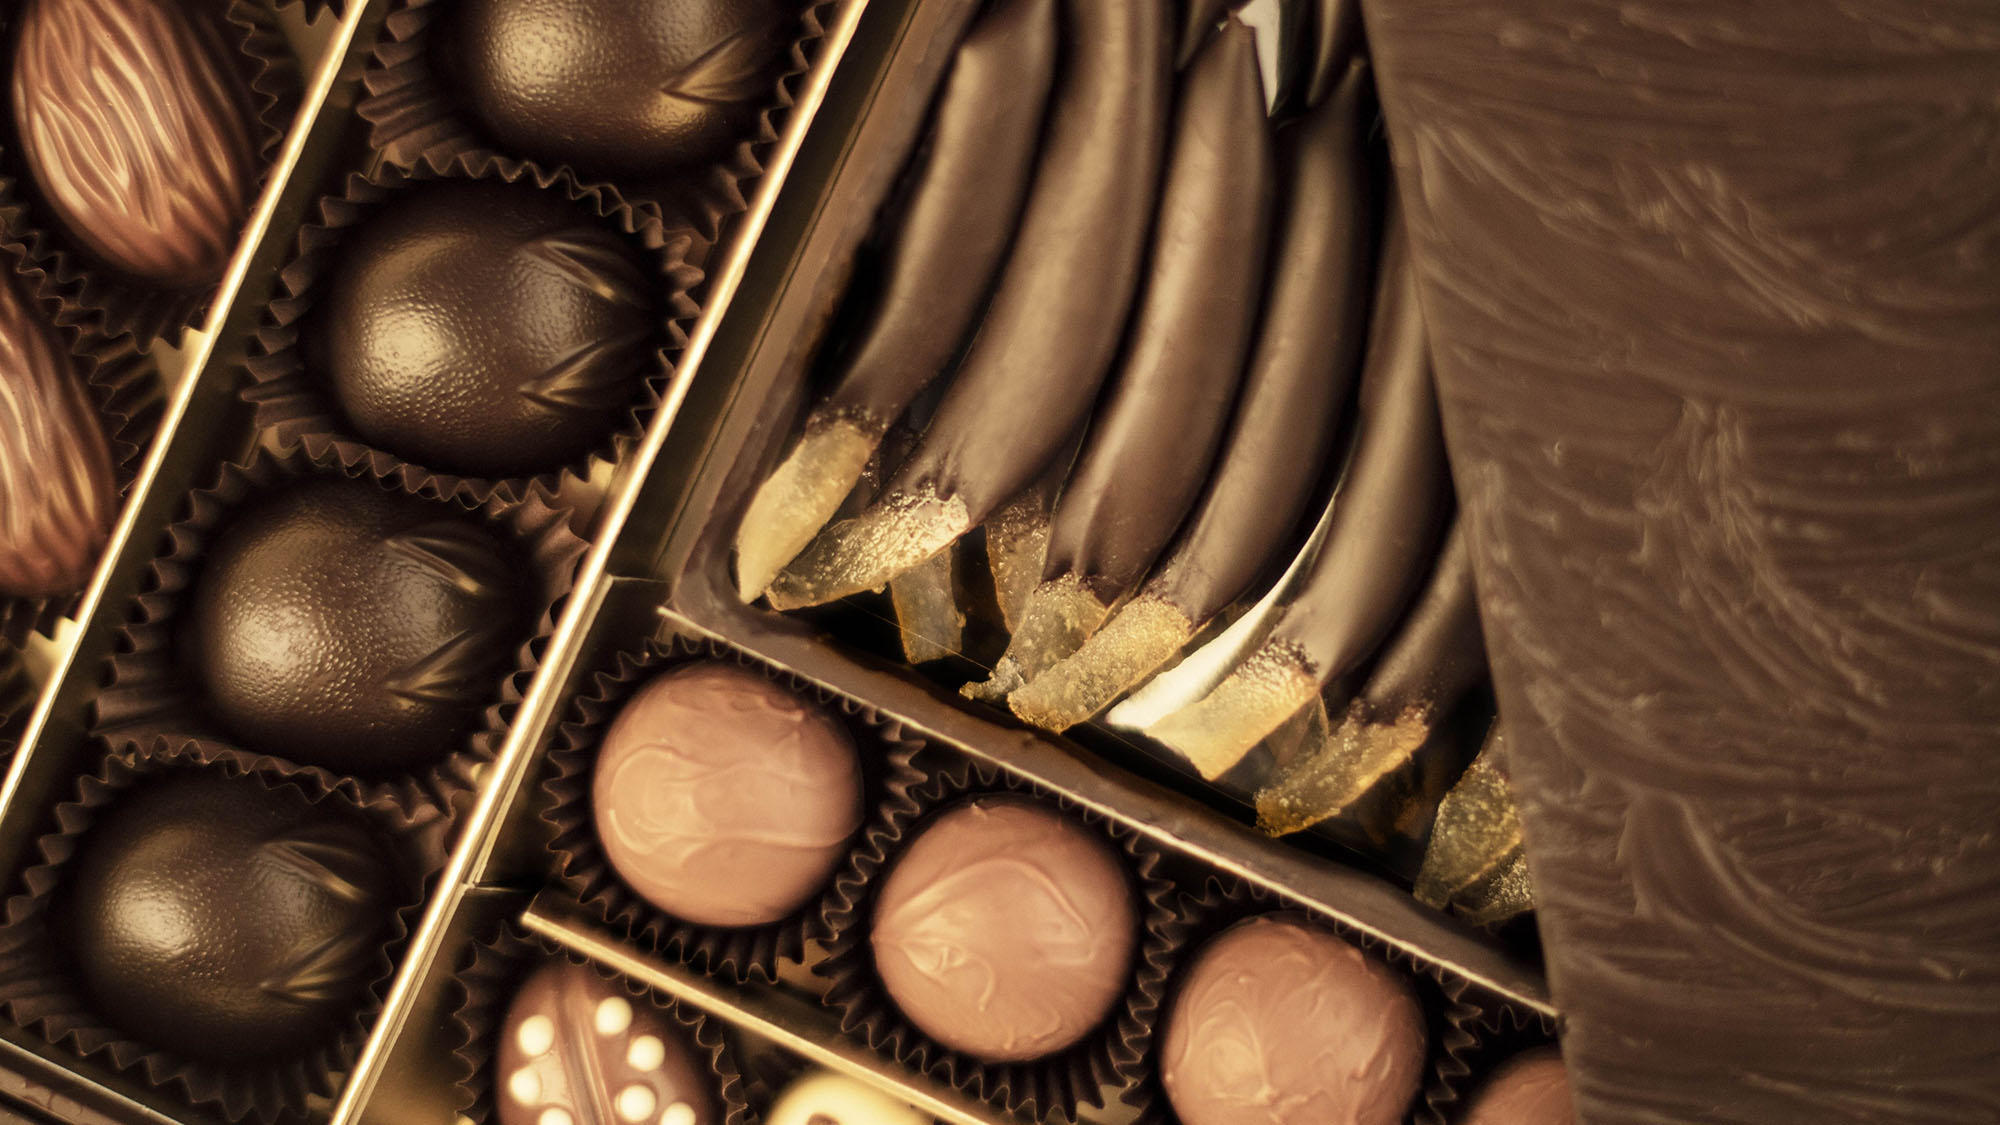 Colorcioccolato- arancia- cioccolato artigianale